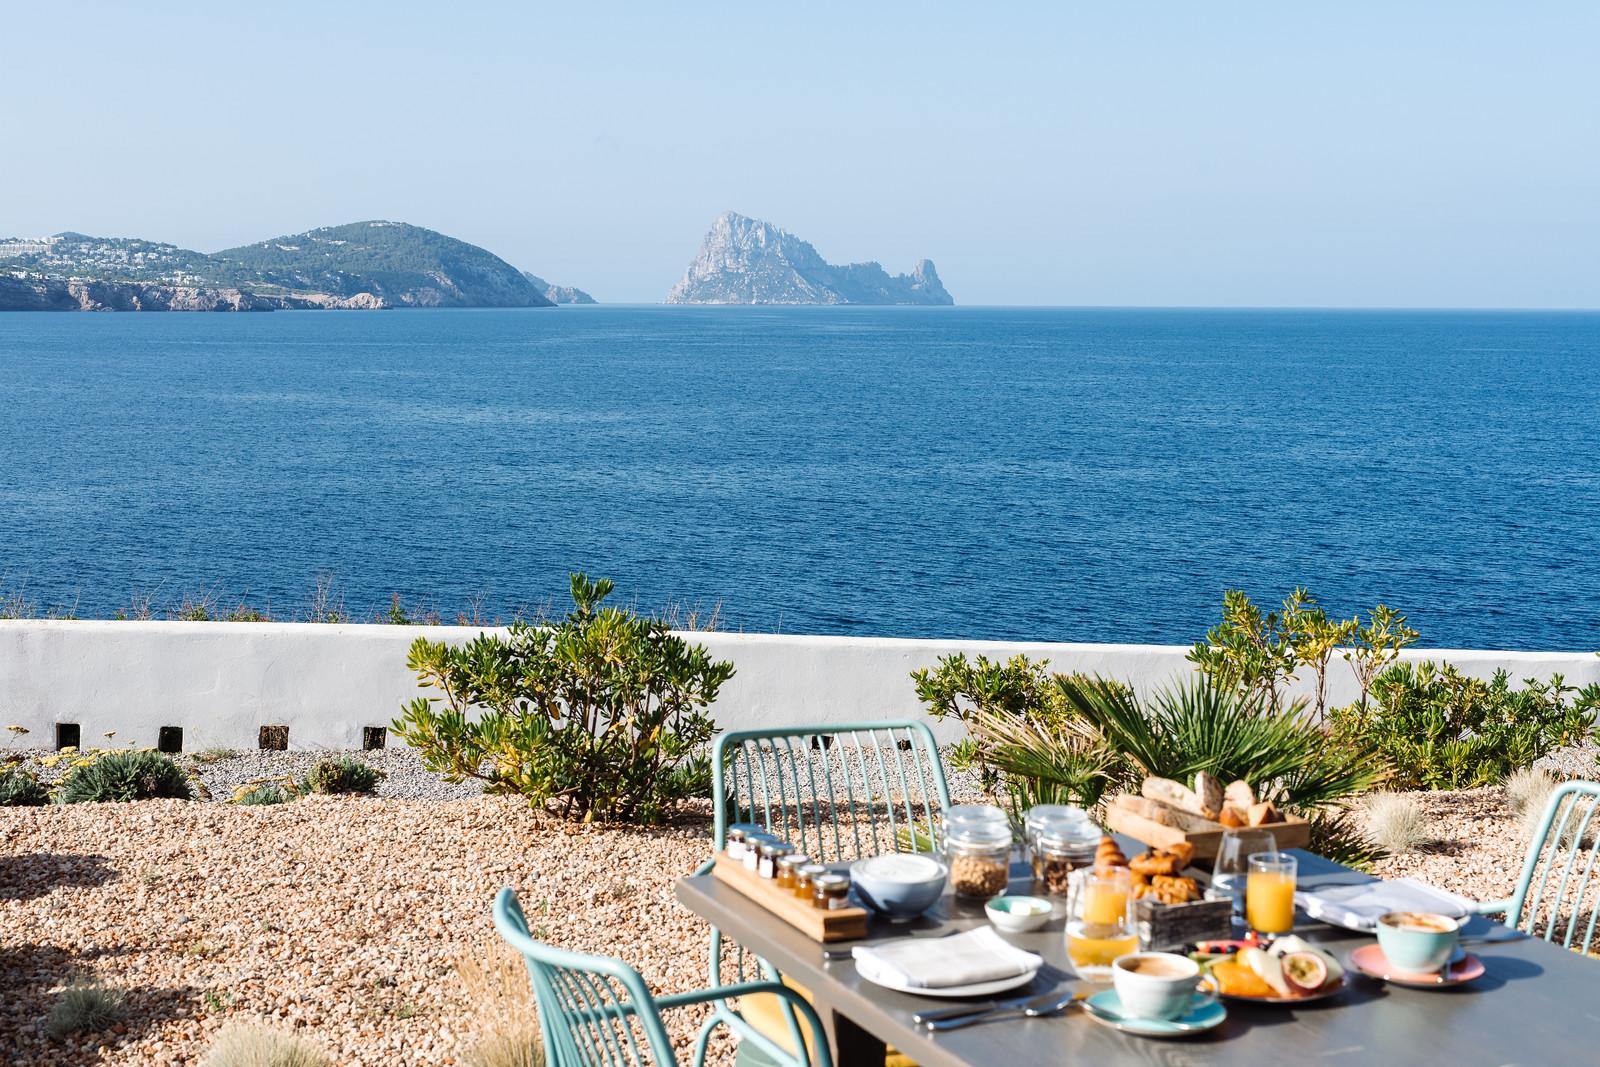 The best Balearic breakfast spots